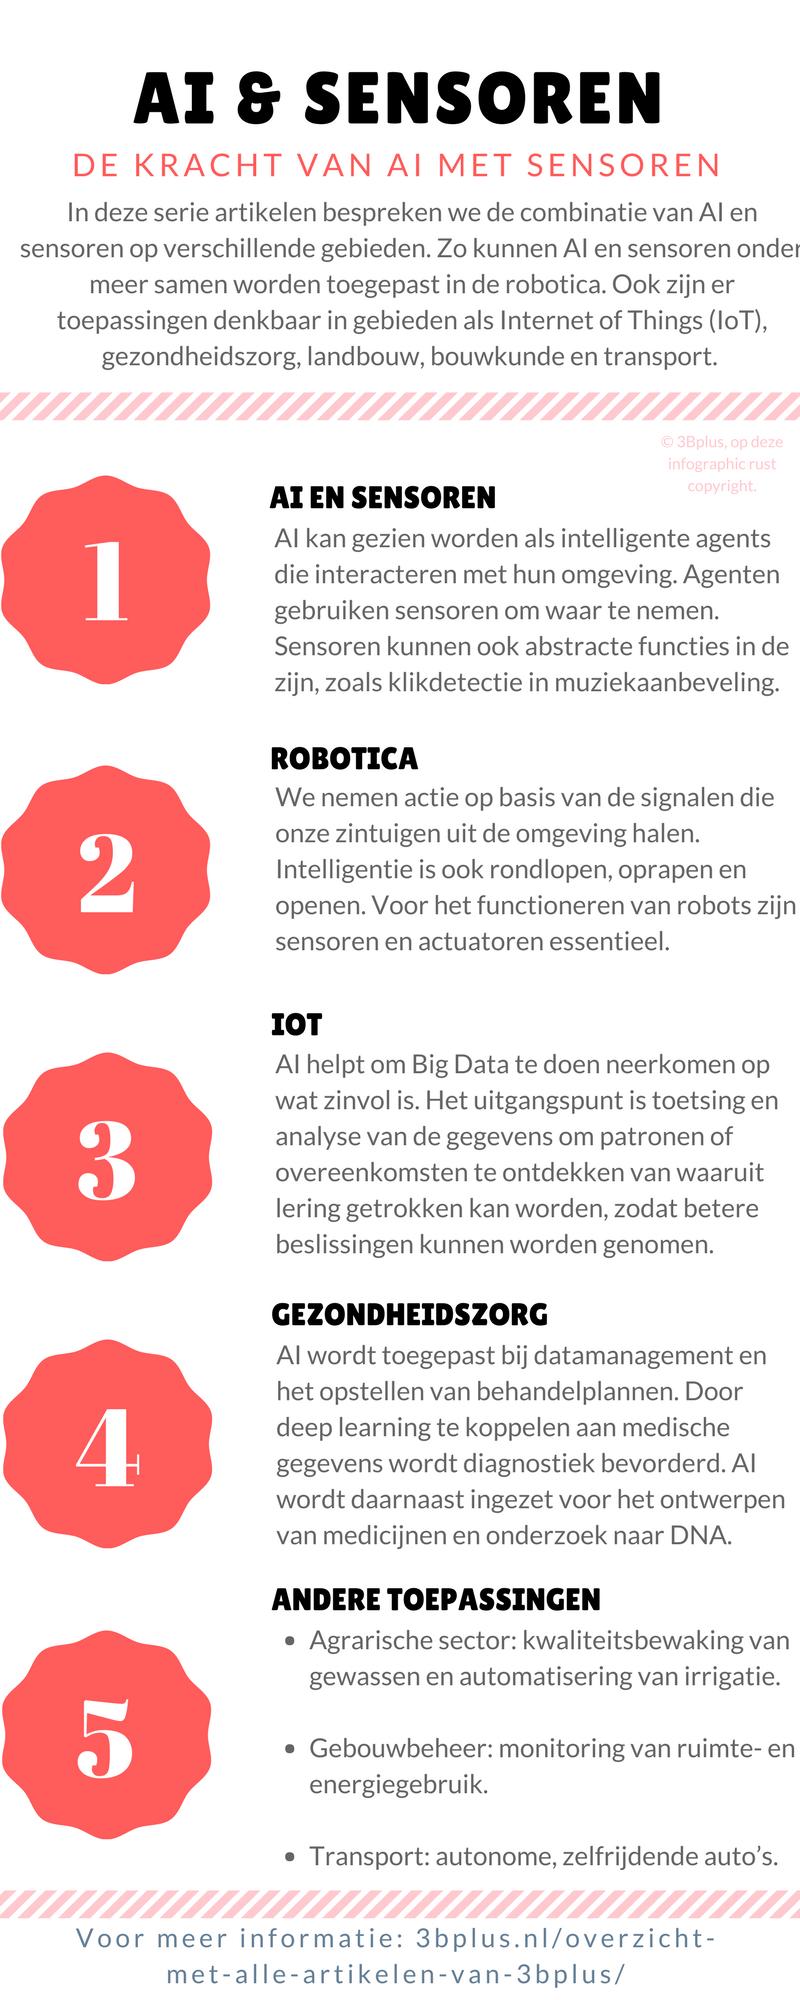 Infographic: de kracht van AI met sensoren